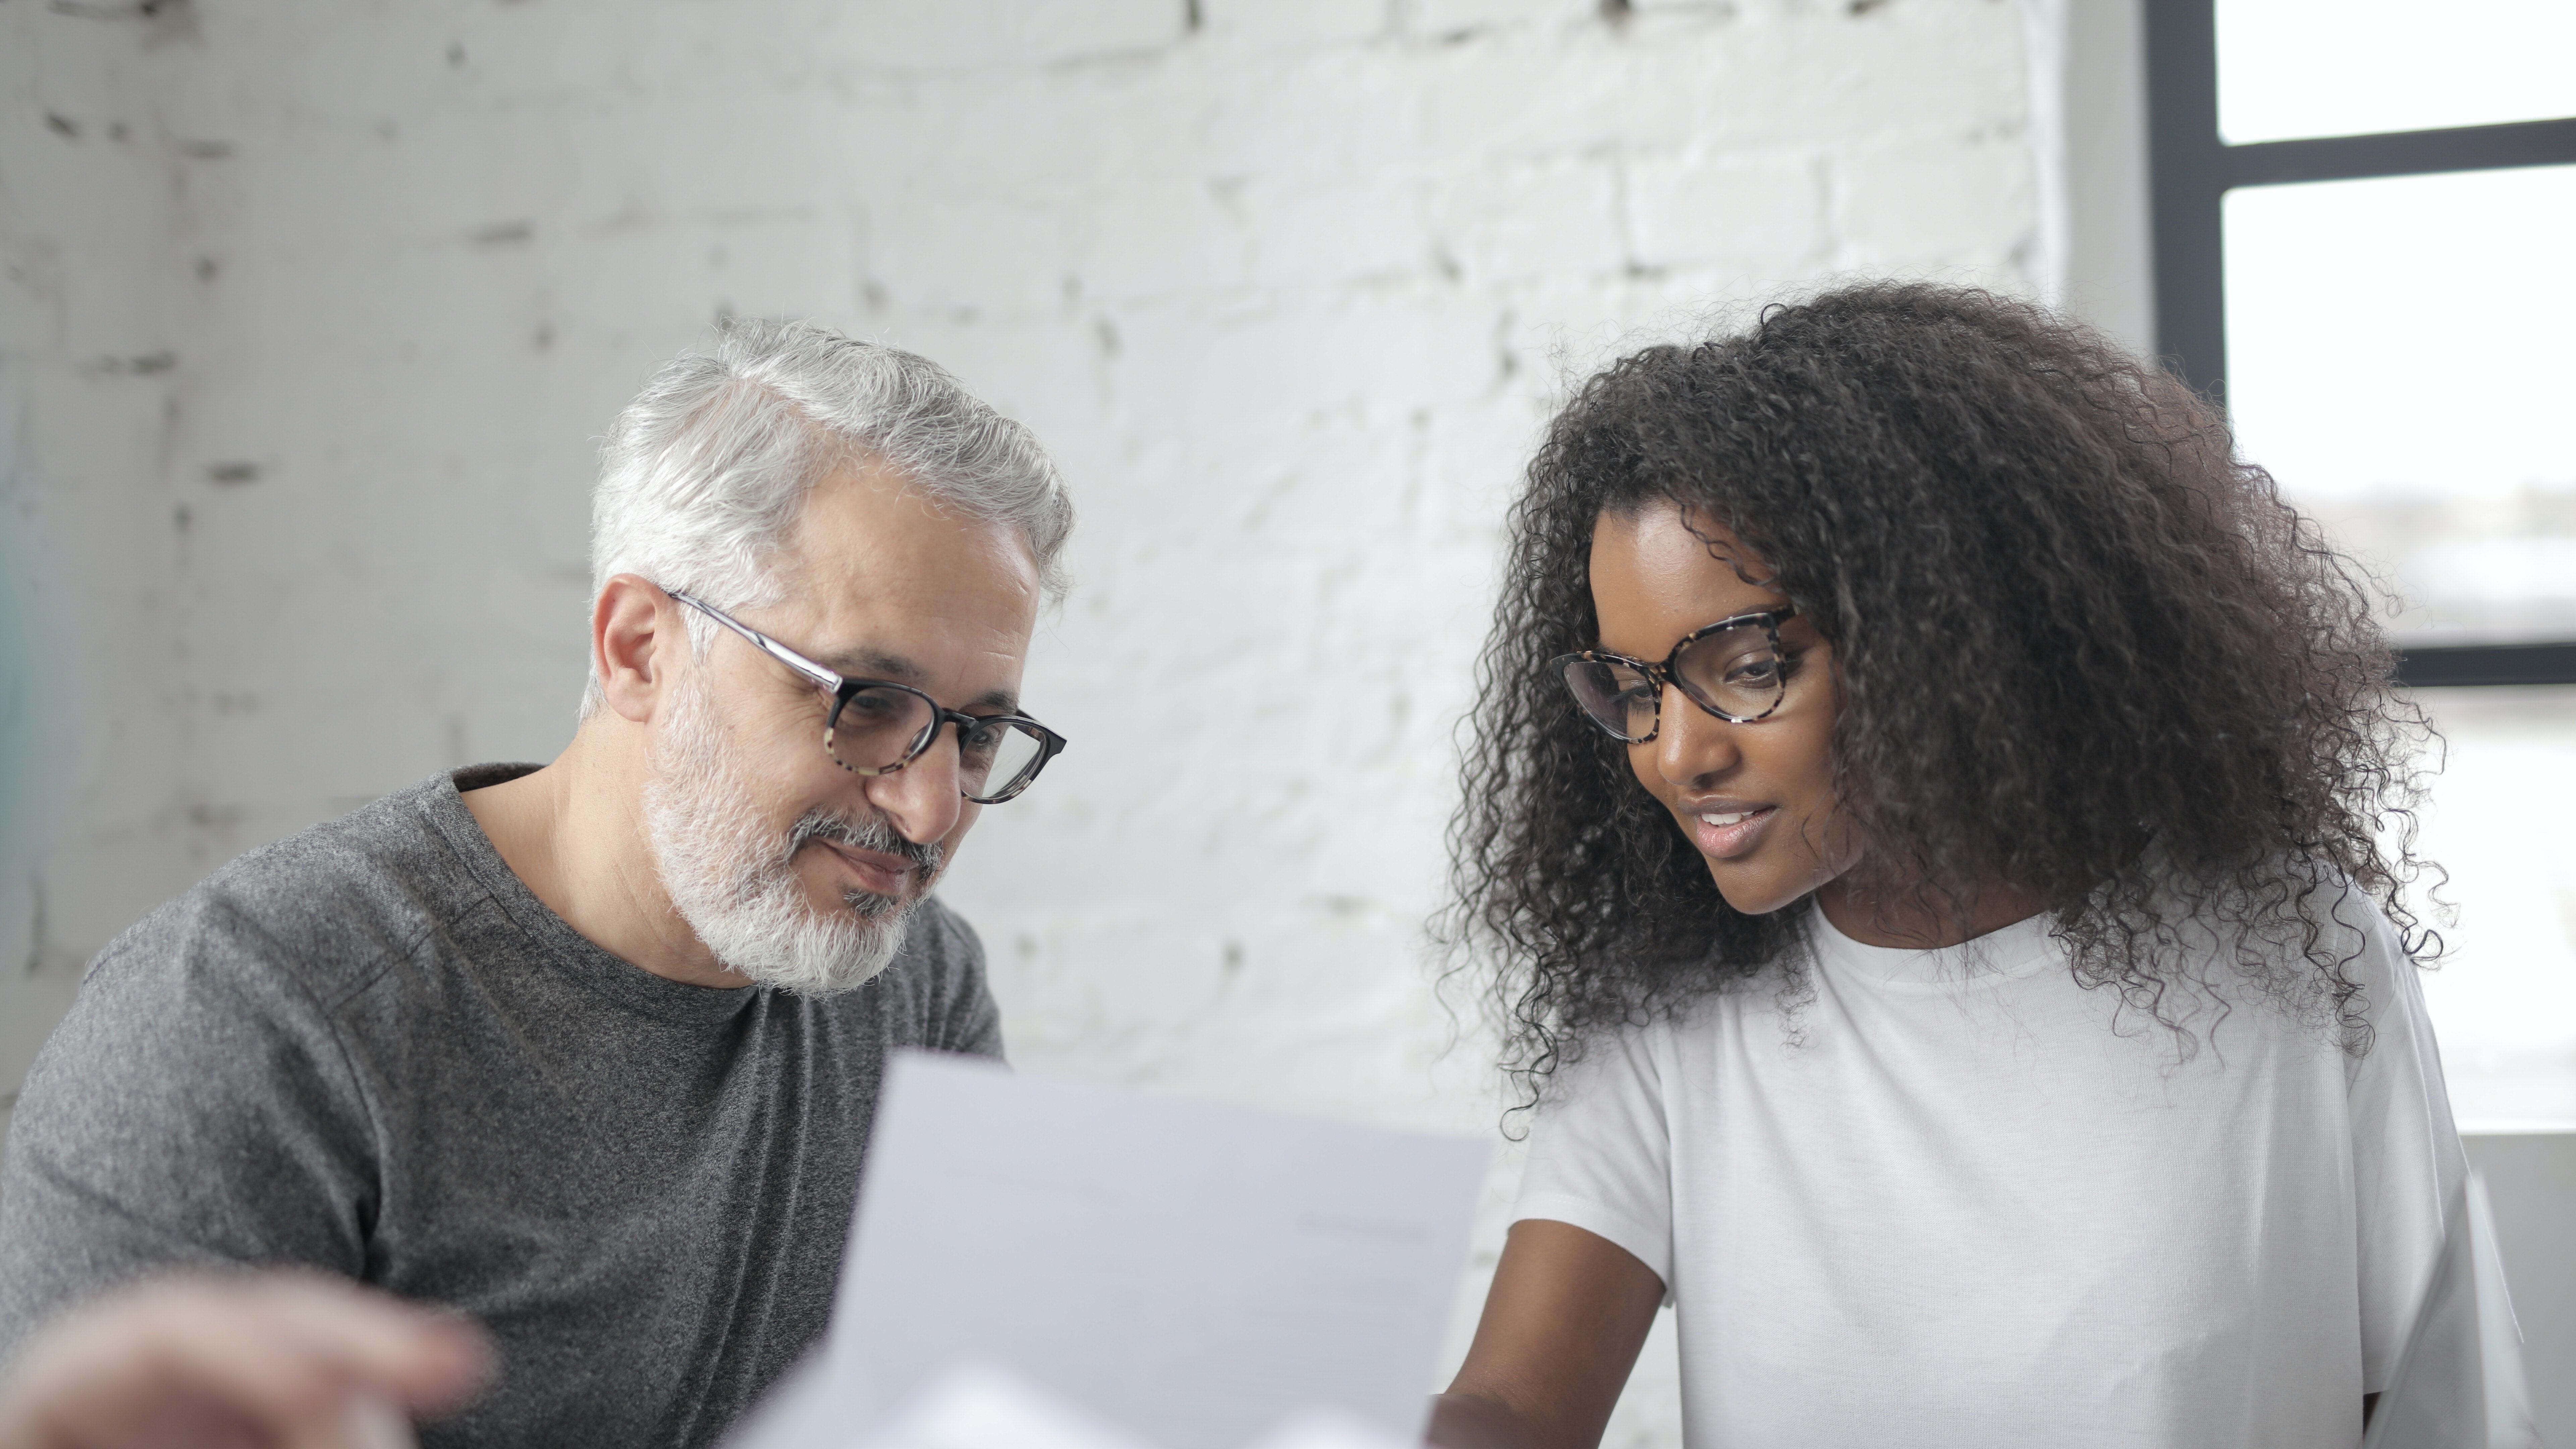 Quels sont les taux actuels pour la renégociation de mon prêt immobilier?